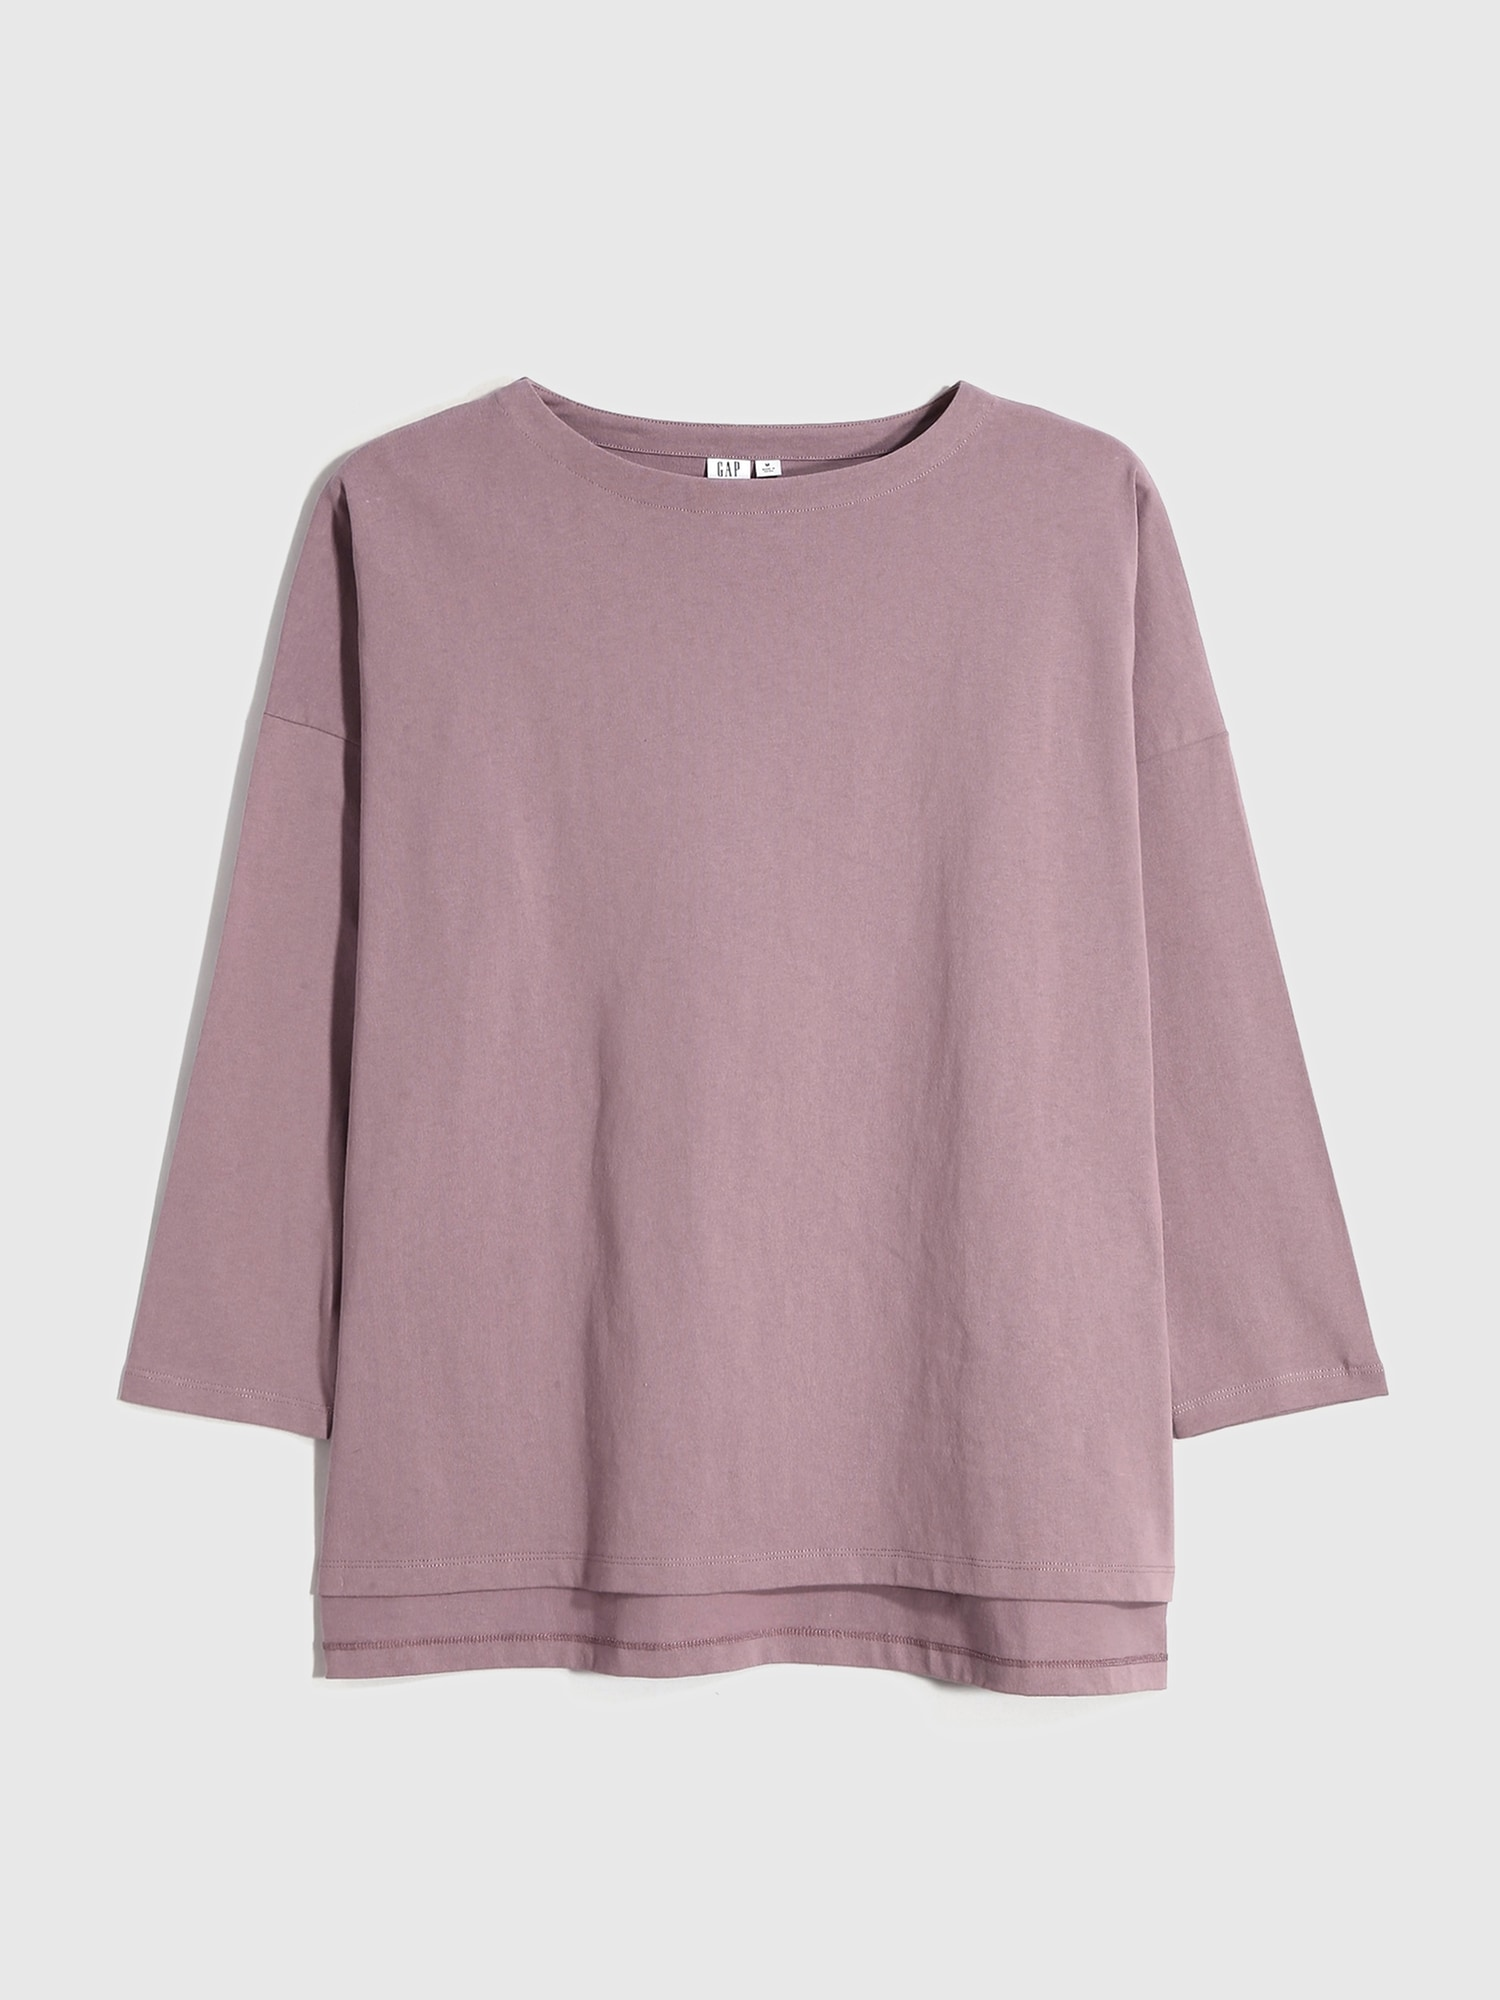 ヘビーウェイト ボートネック チュニックtシャツ